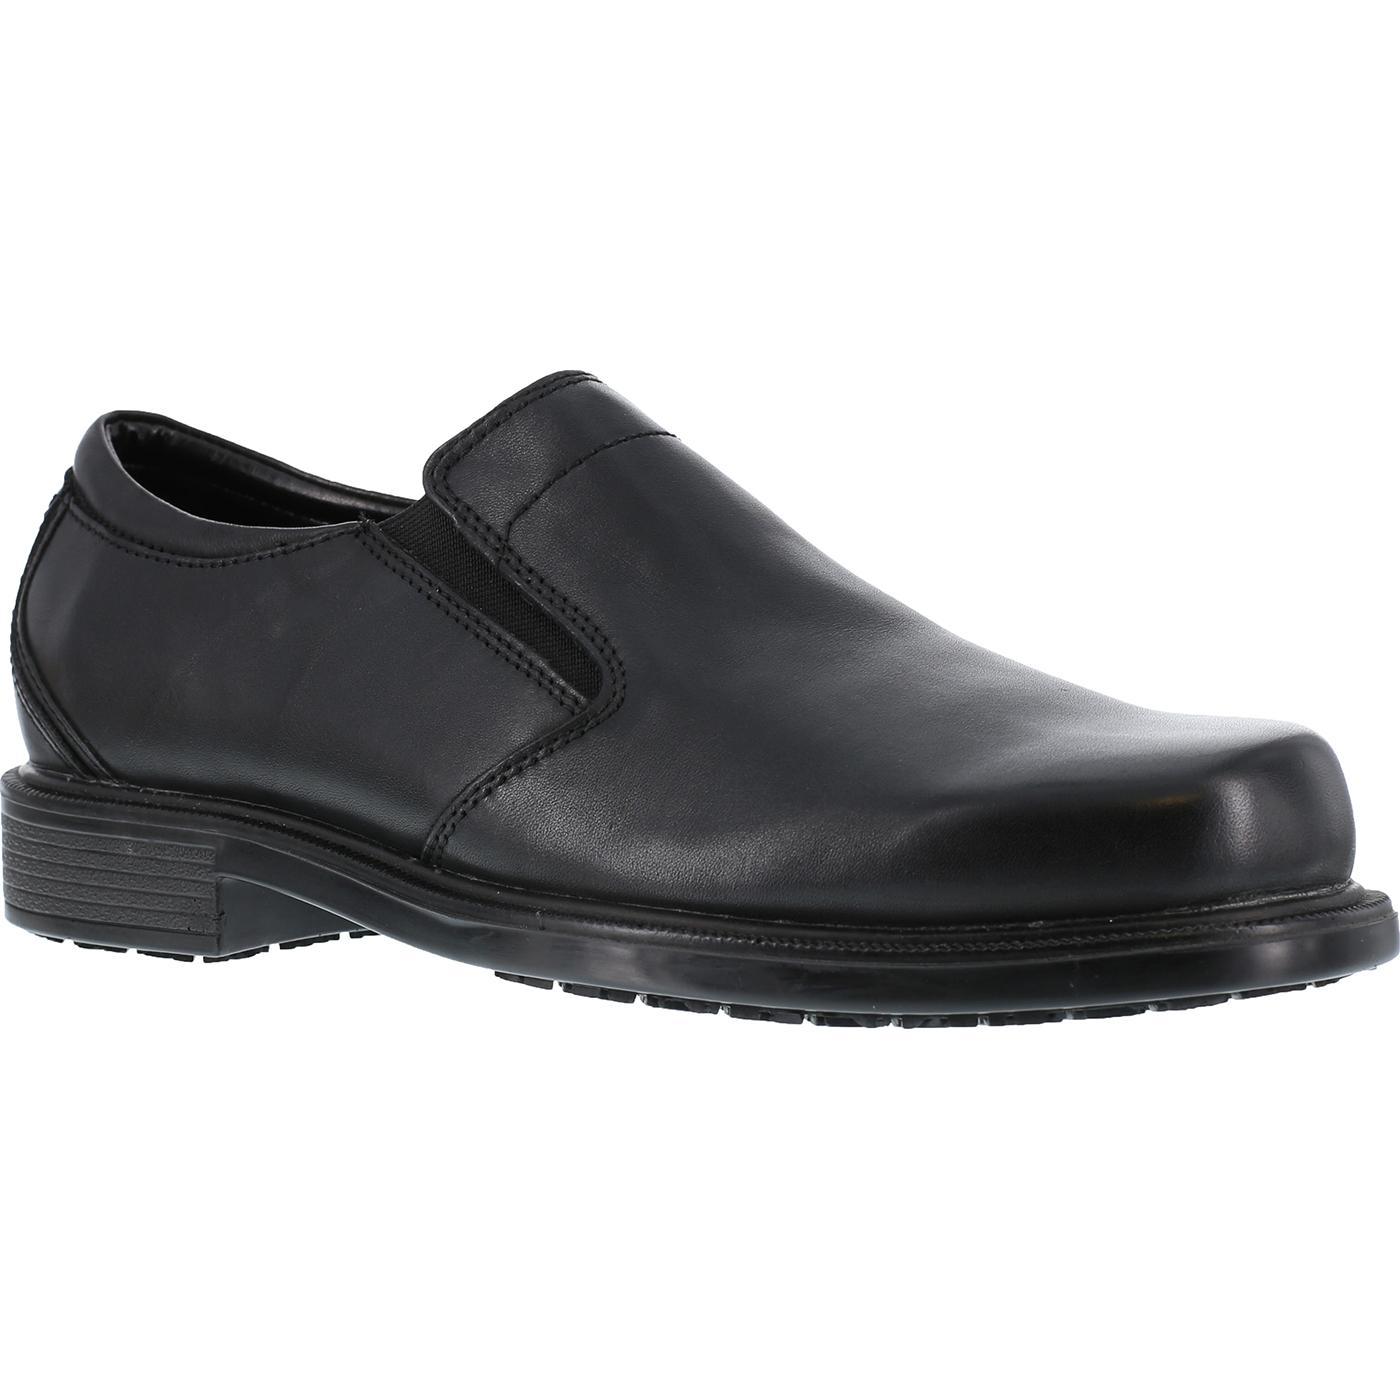 Rockport Mens Shoes Black Slip On